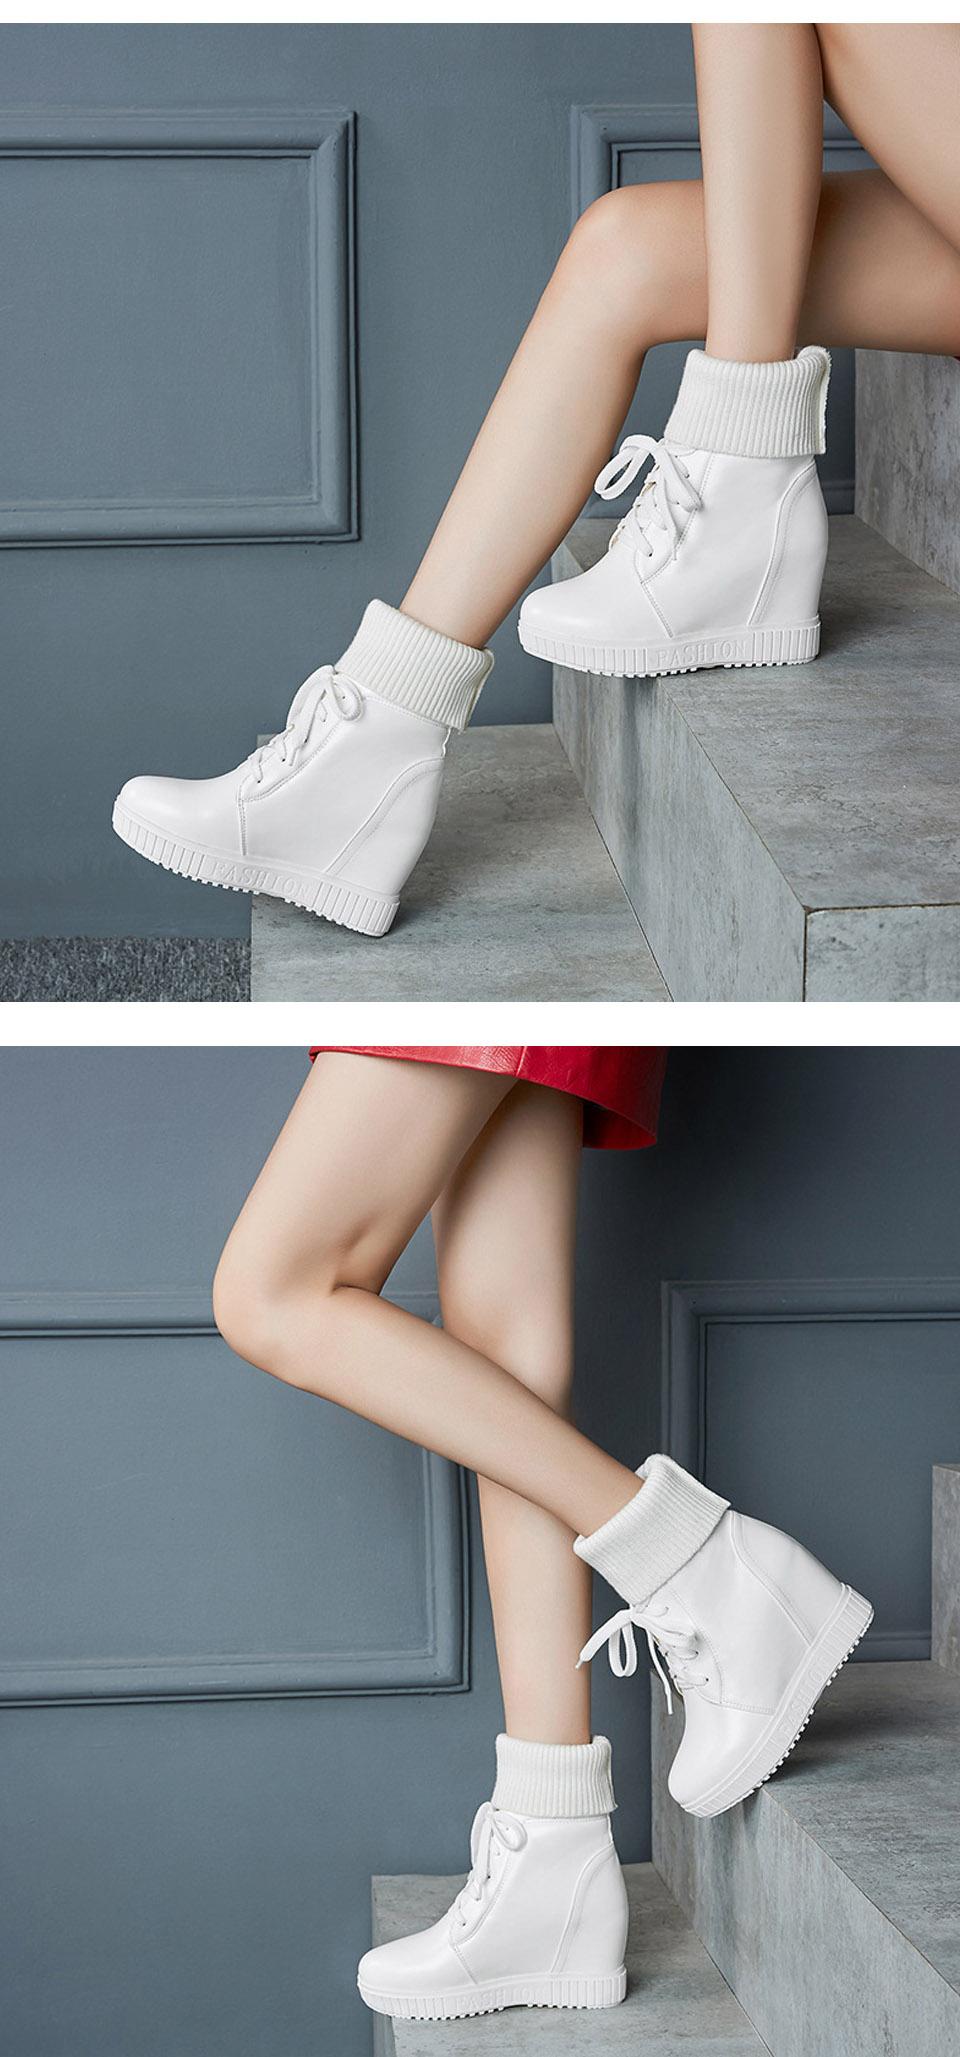 women shoes 5